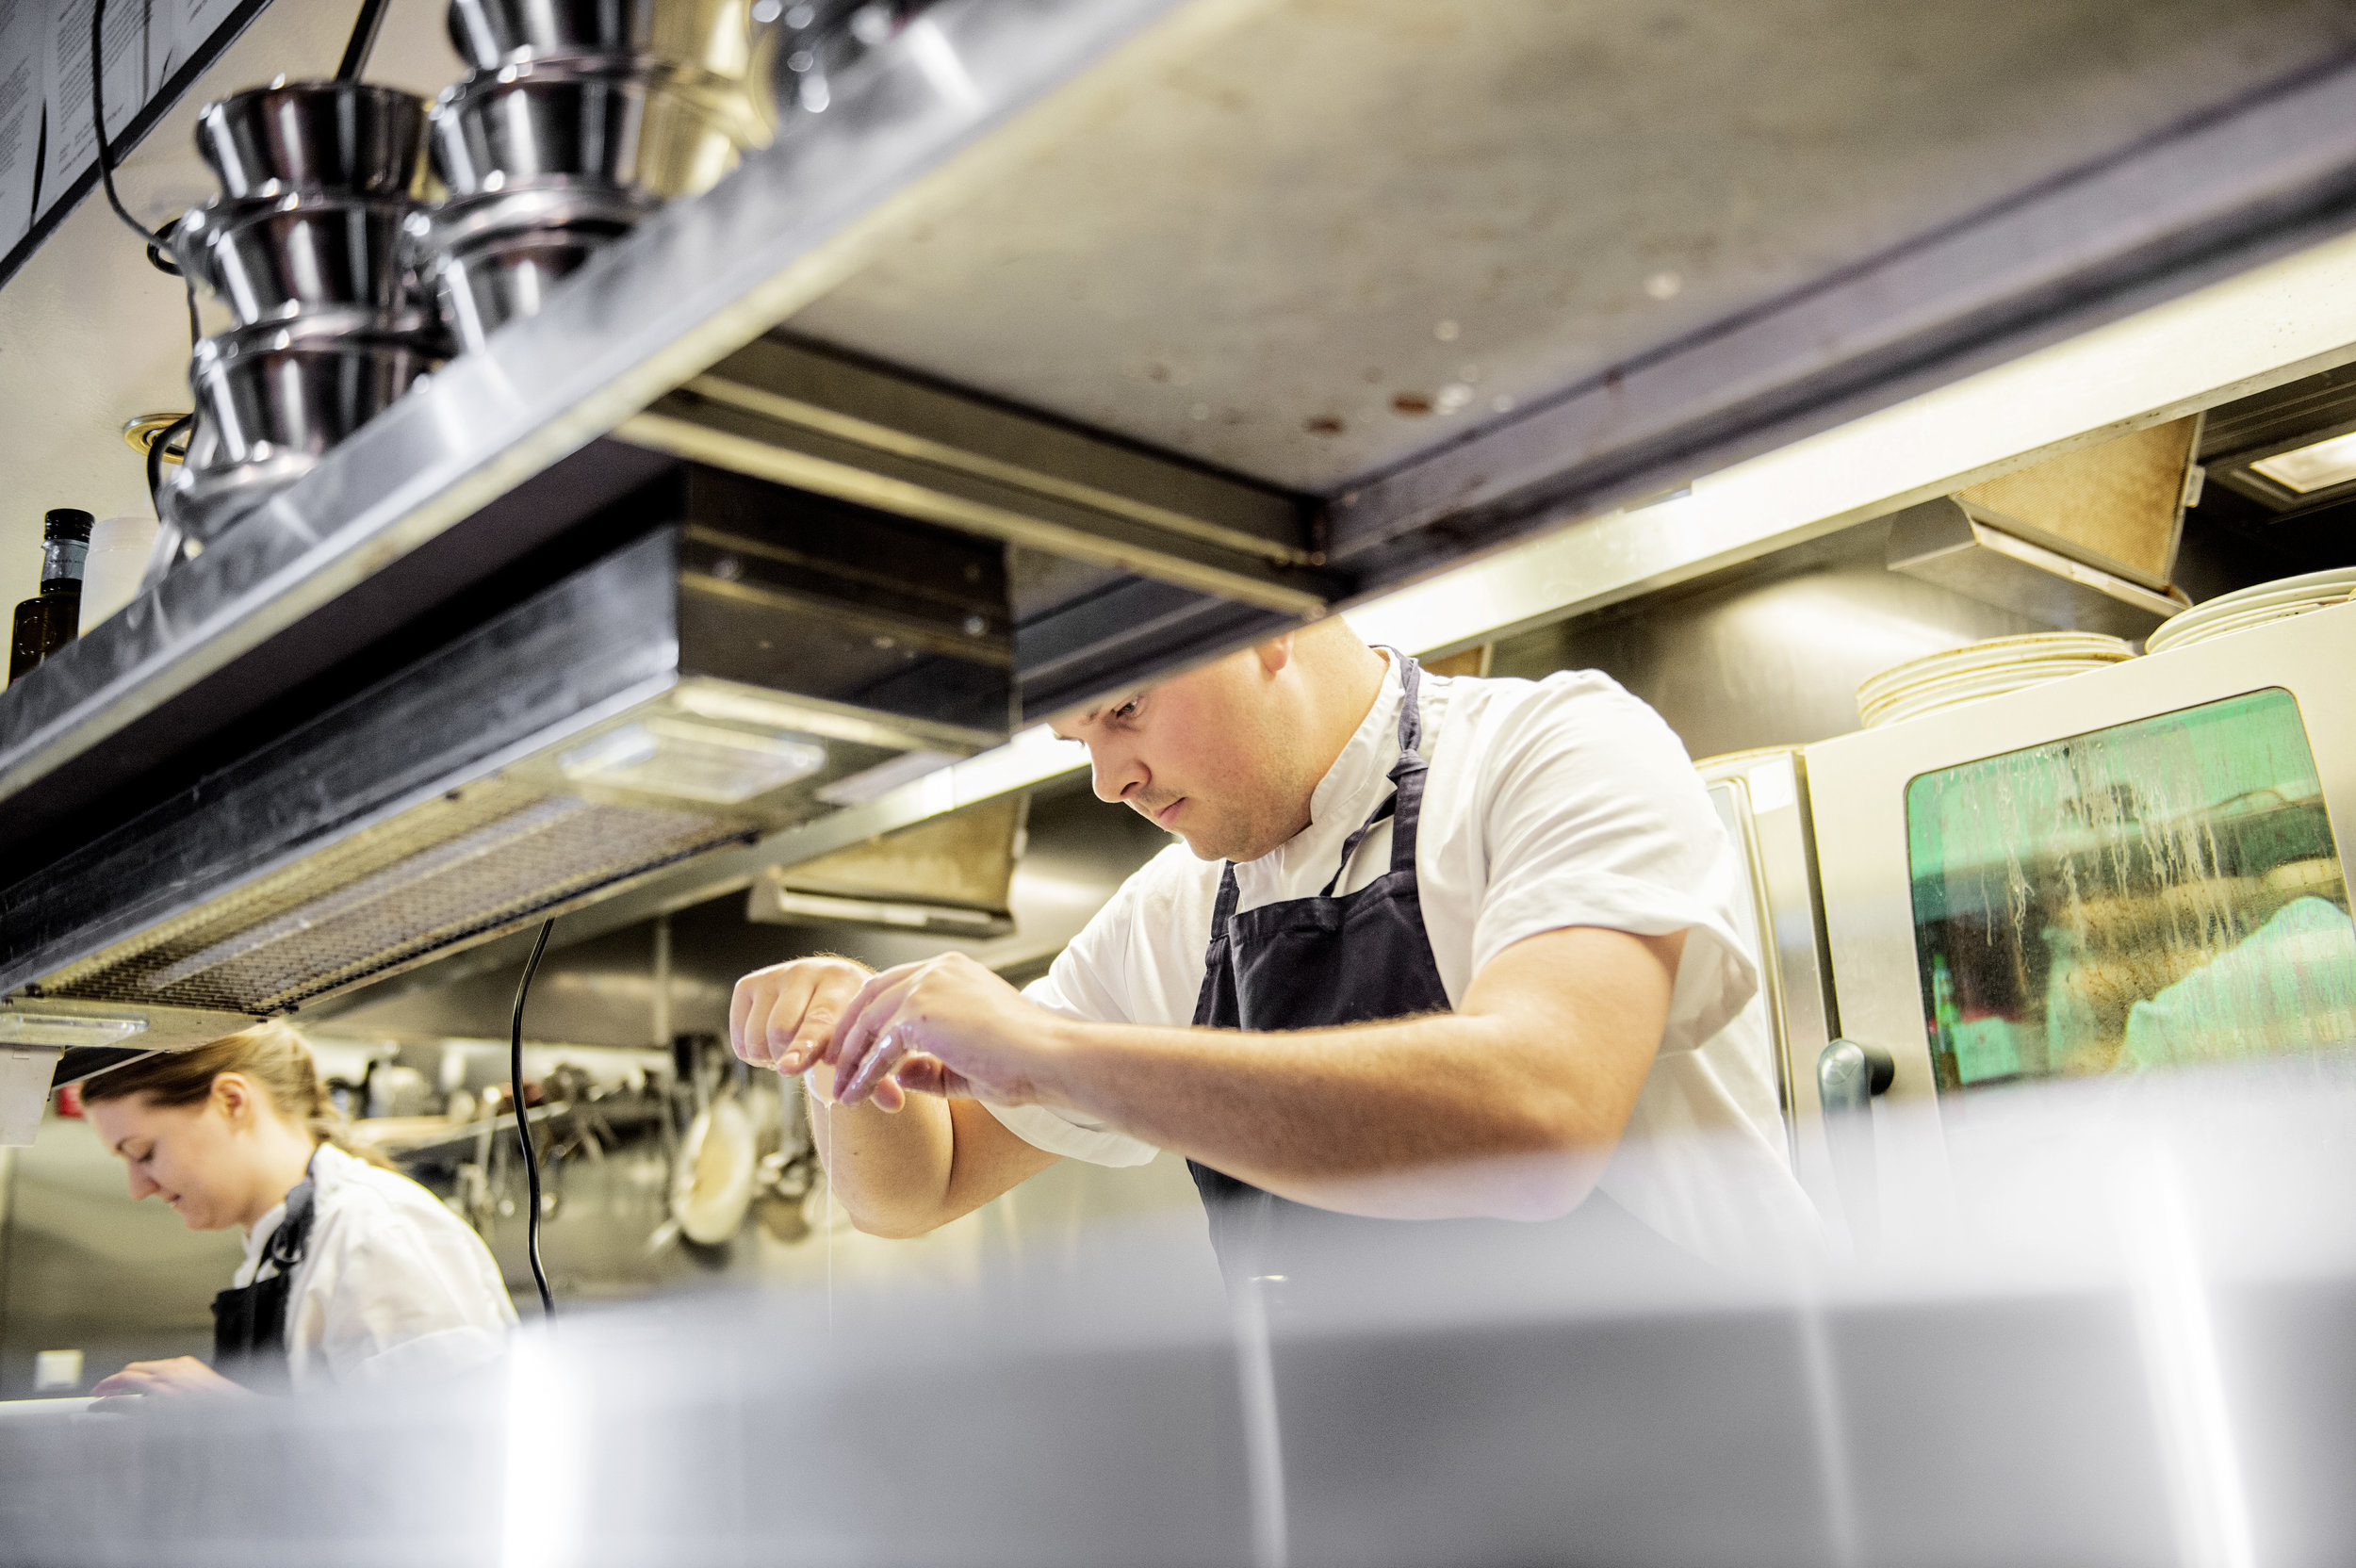 Kjøkkensjef Tommy Espeland har gått læretiden på Sjøhuset før han jobbet et par år på Måltid. Han kom «hjem» i 2010.